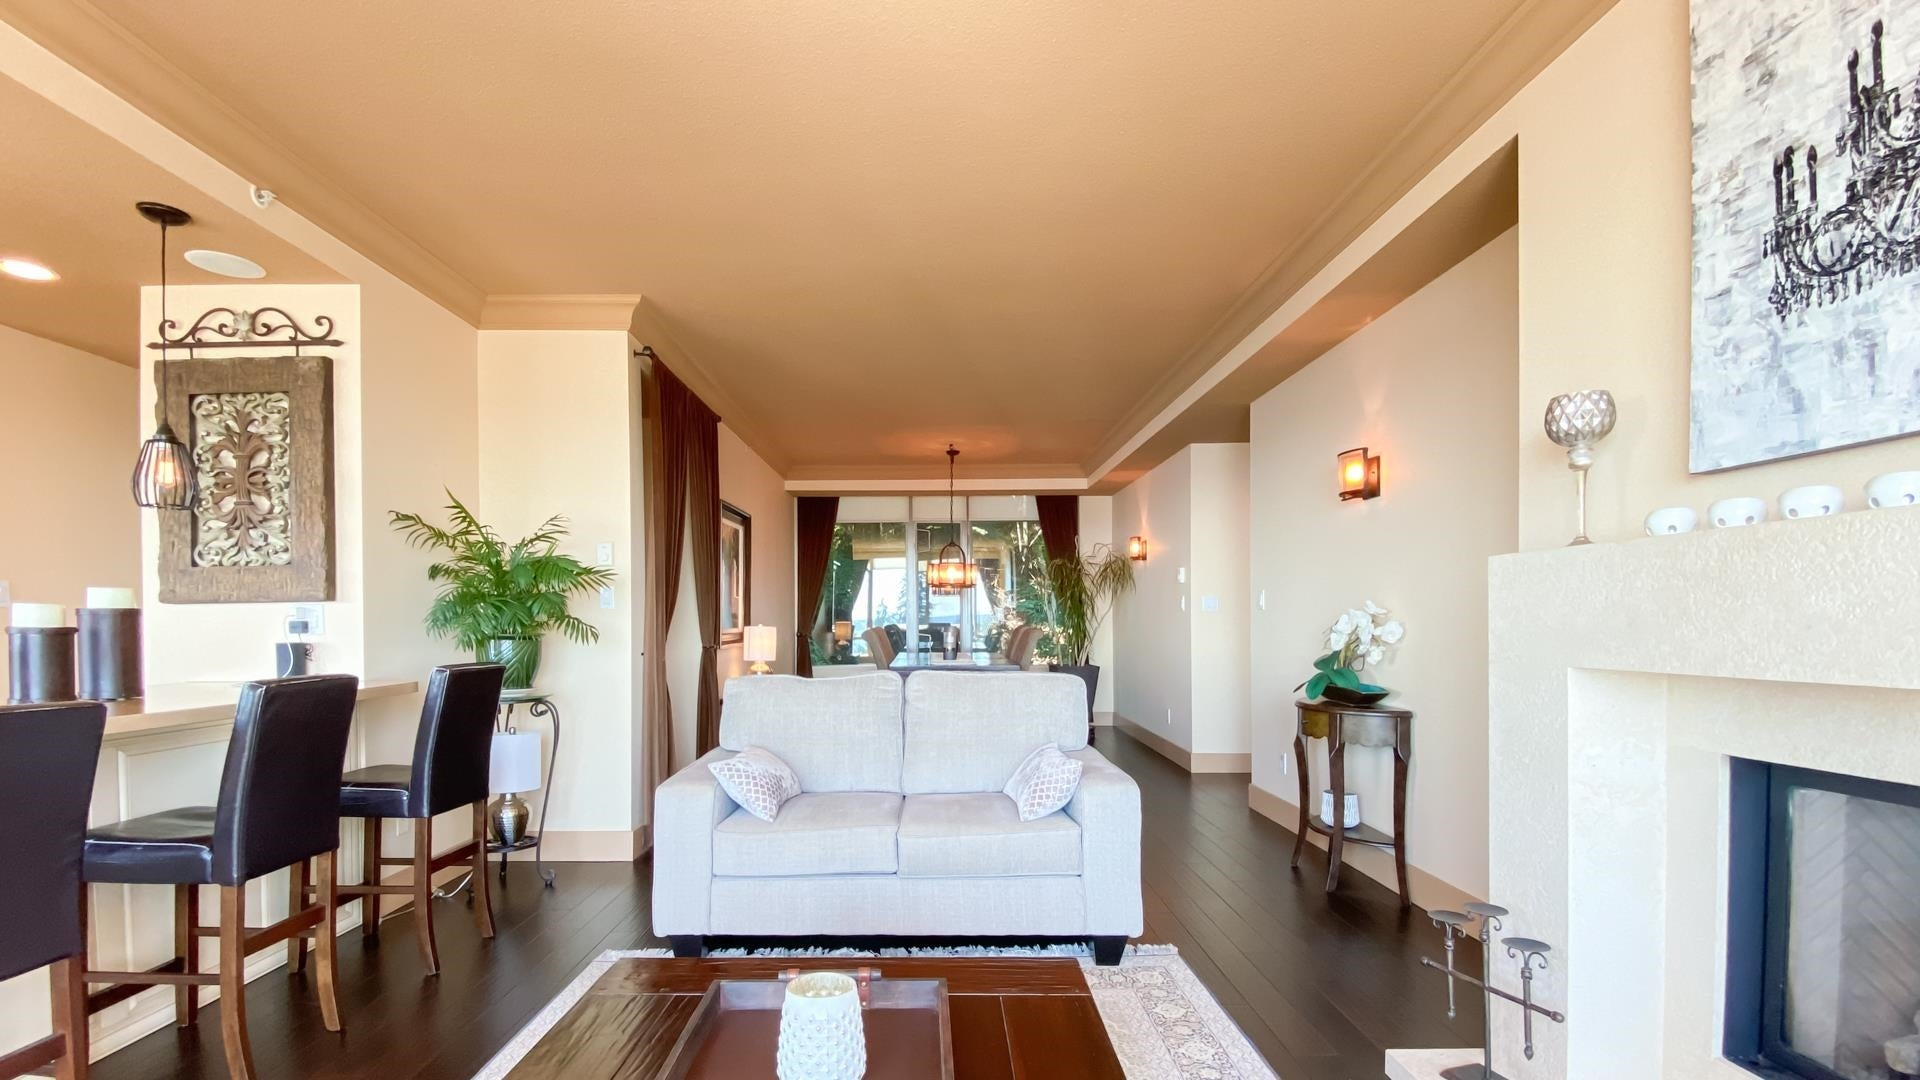 301 3131 DEER RIDGE DRIVE - Deer Ridge WV Apartment/Condo for sale, 2 Bedrooms (R2615692) - #14